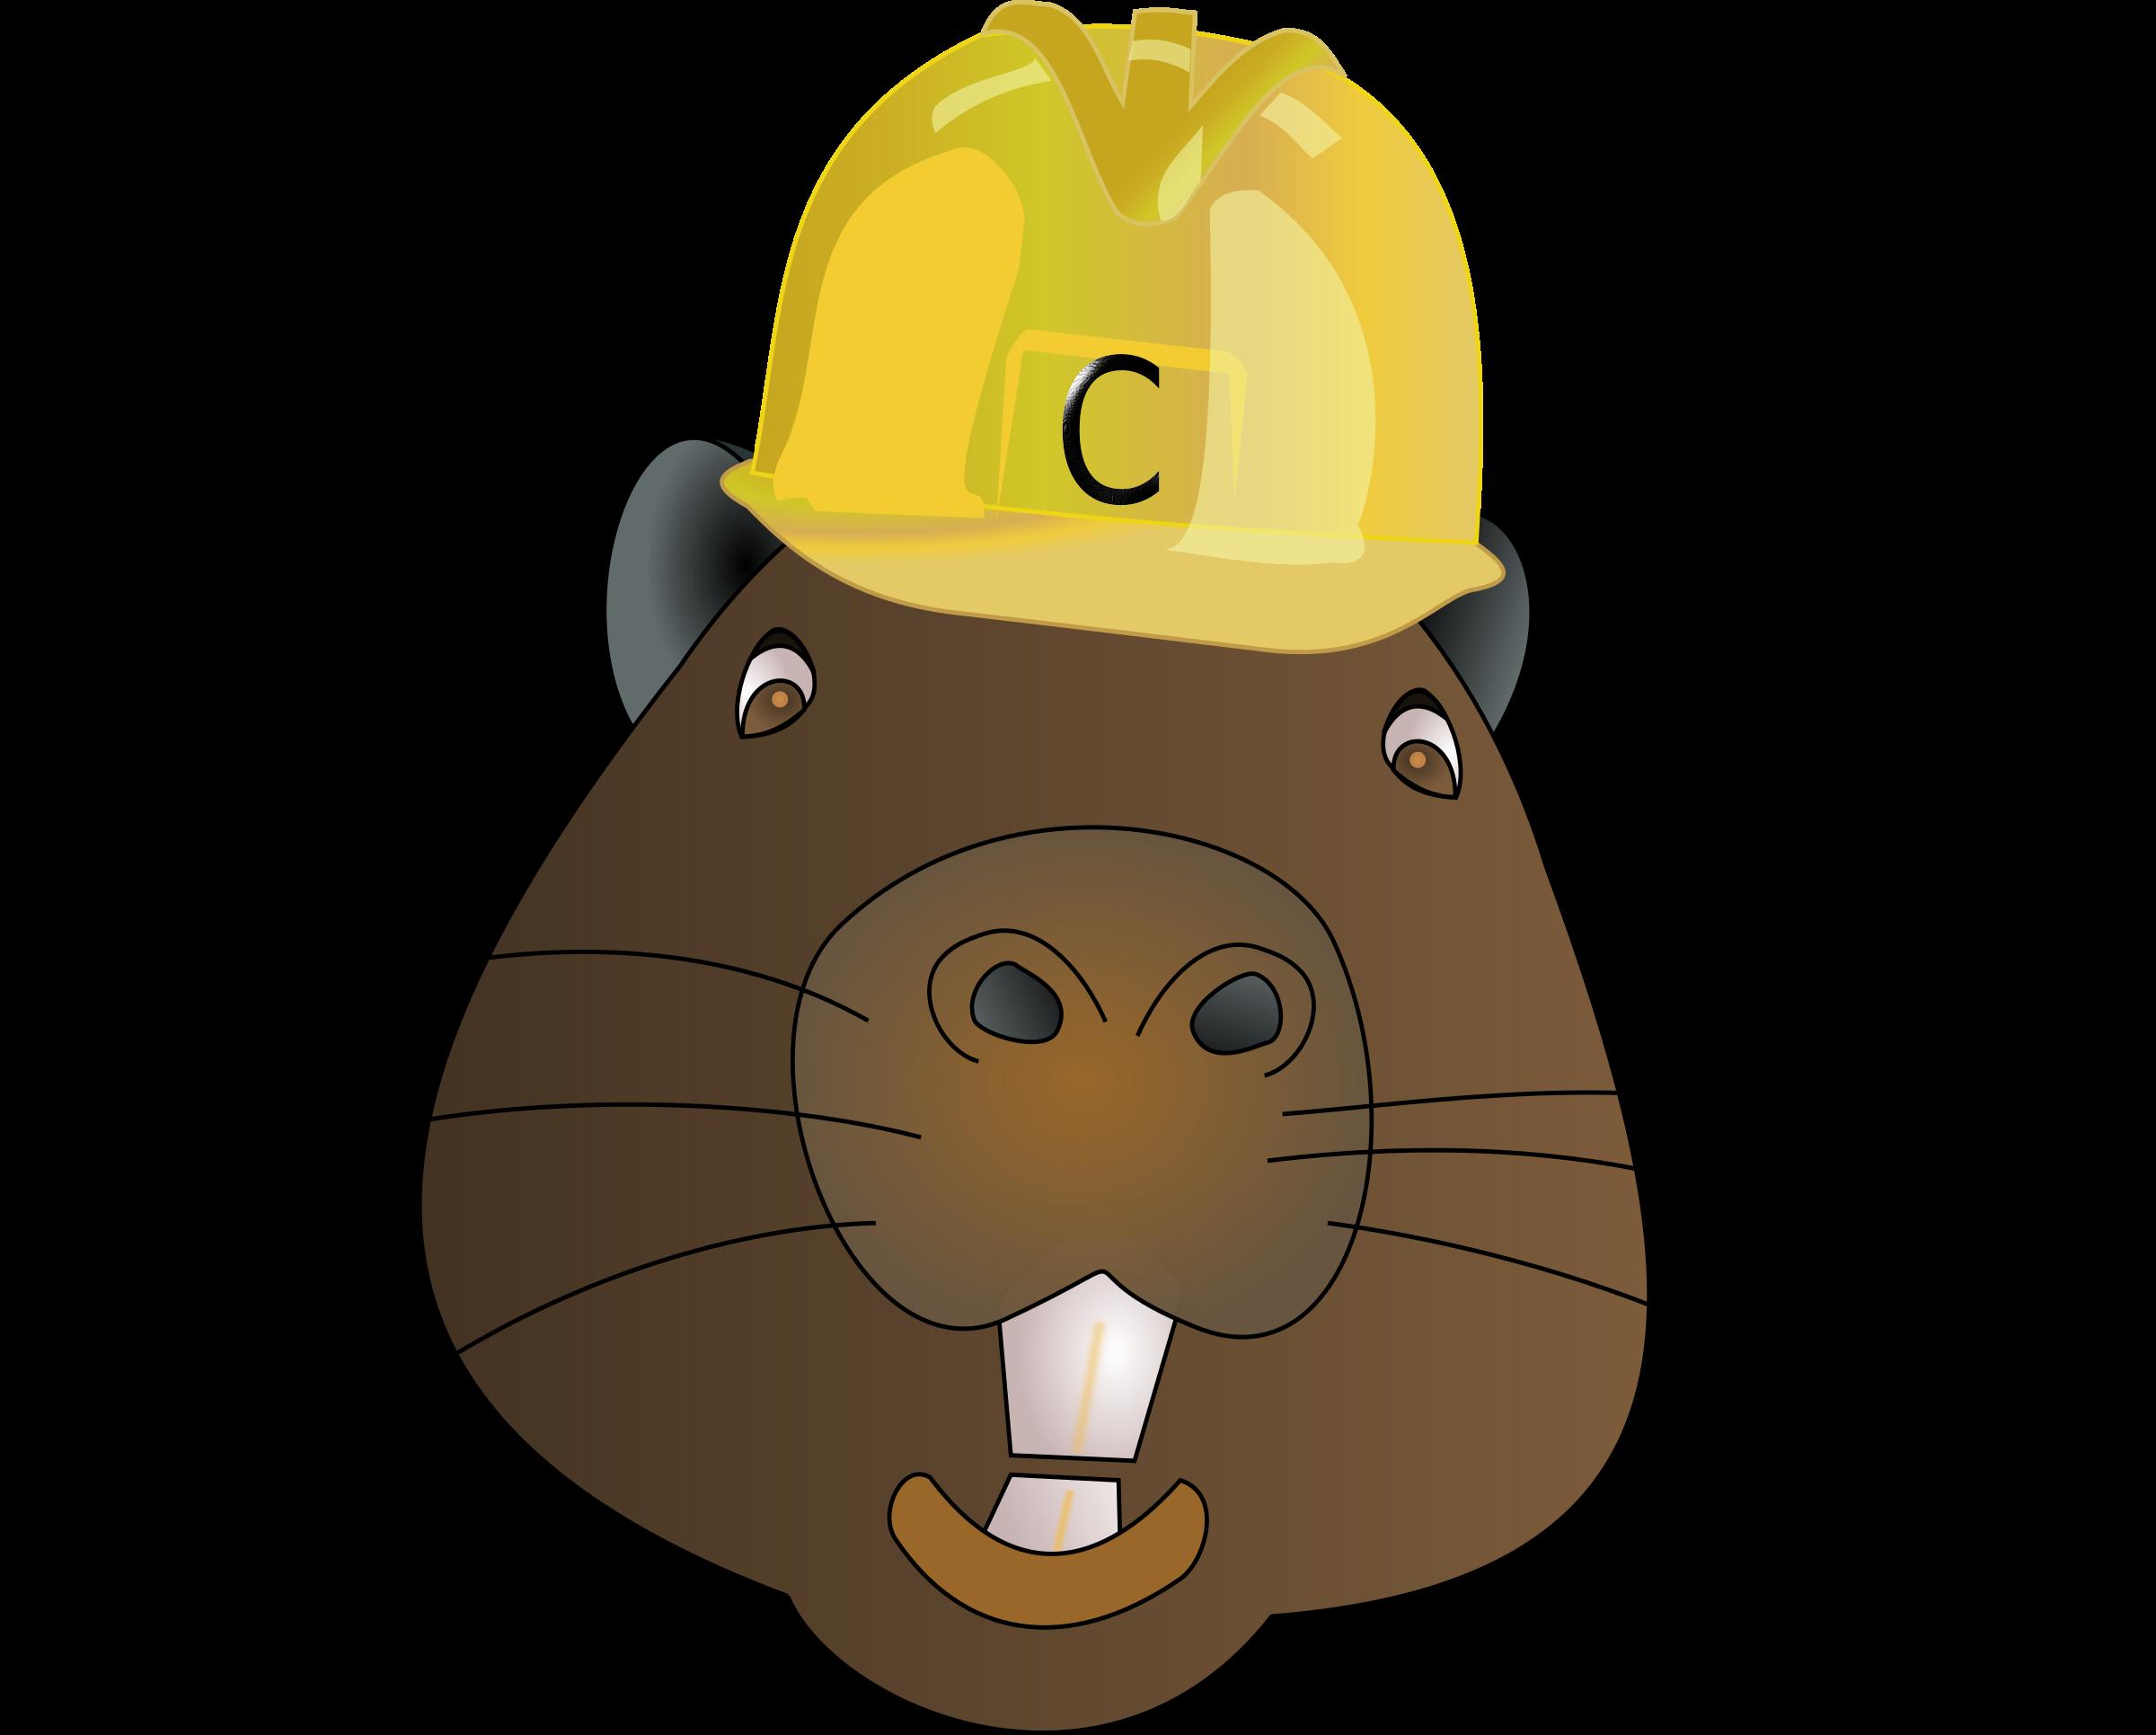 Castor big image png. Groundhog clipart groundhog day